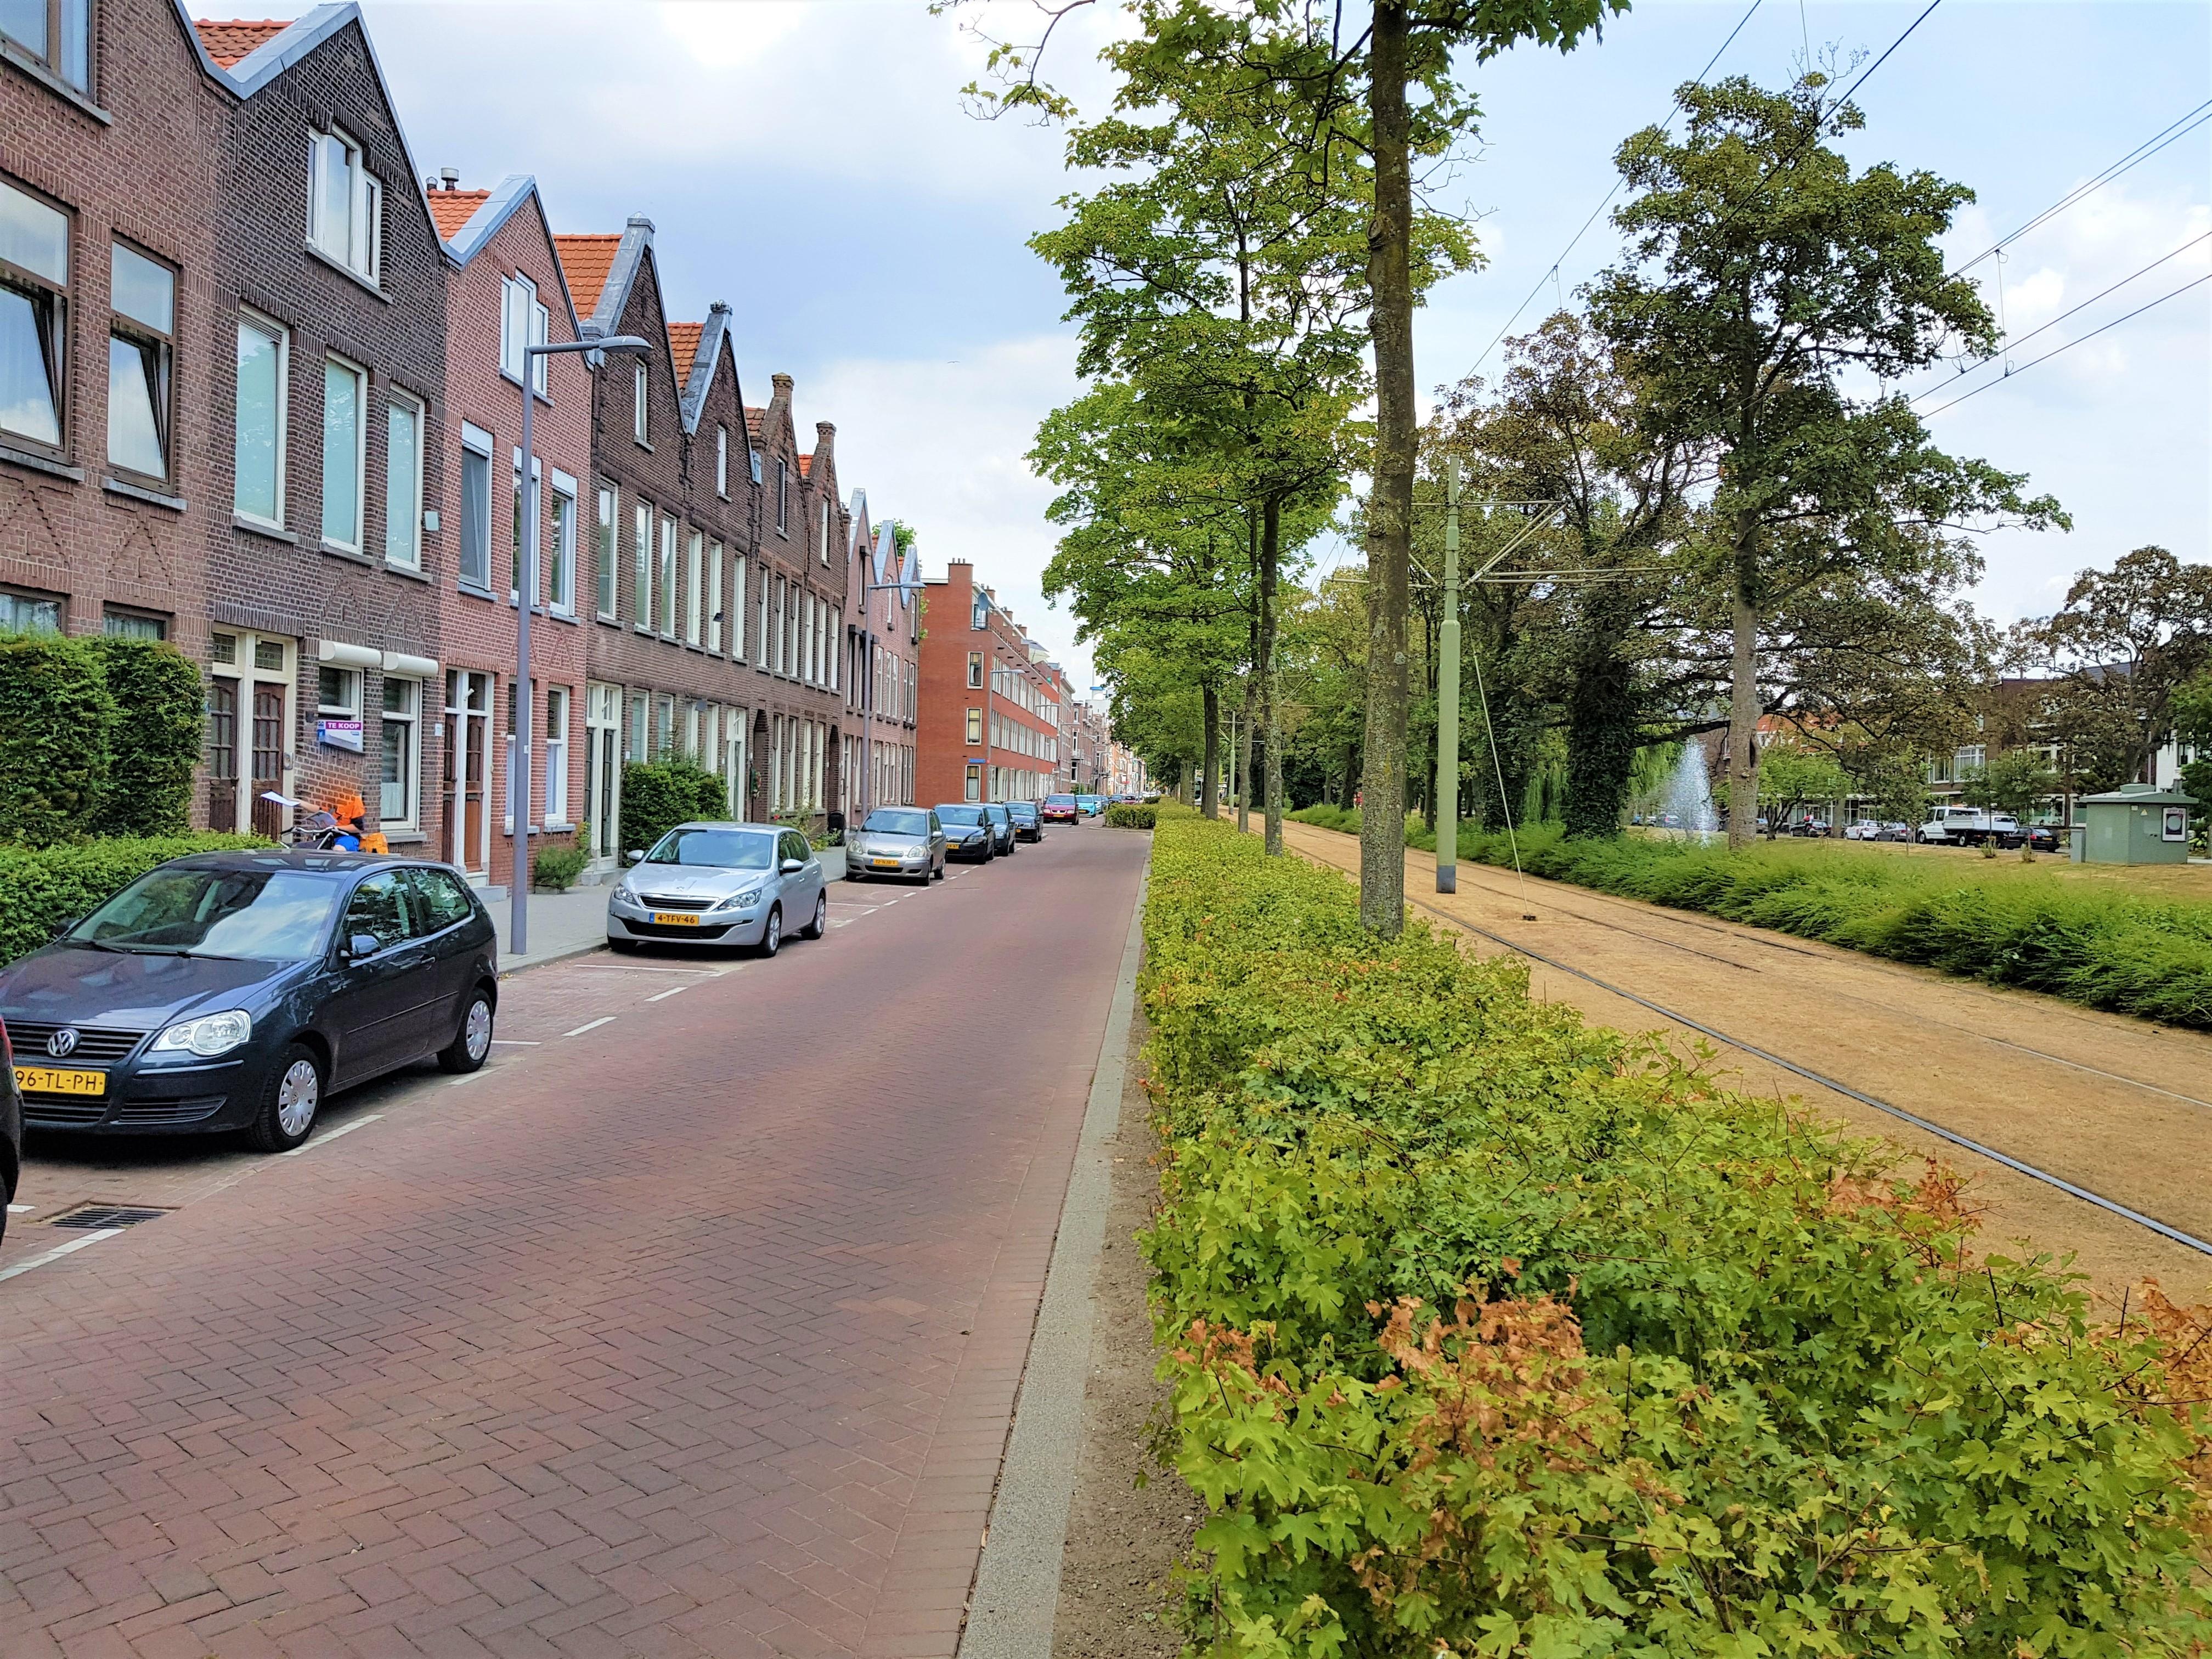 Te huur: Boergoensevliet 67B, 3082 KK Rotterdam